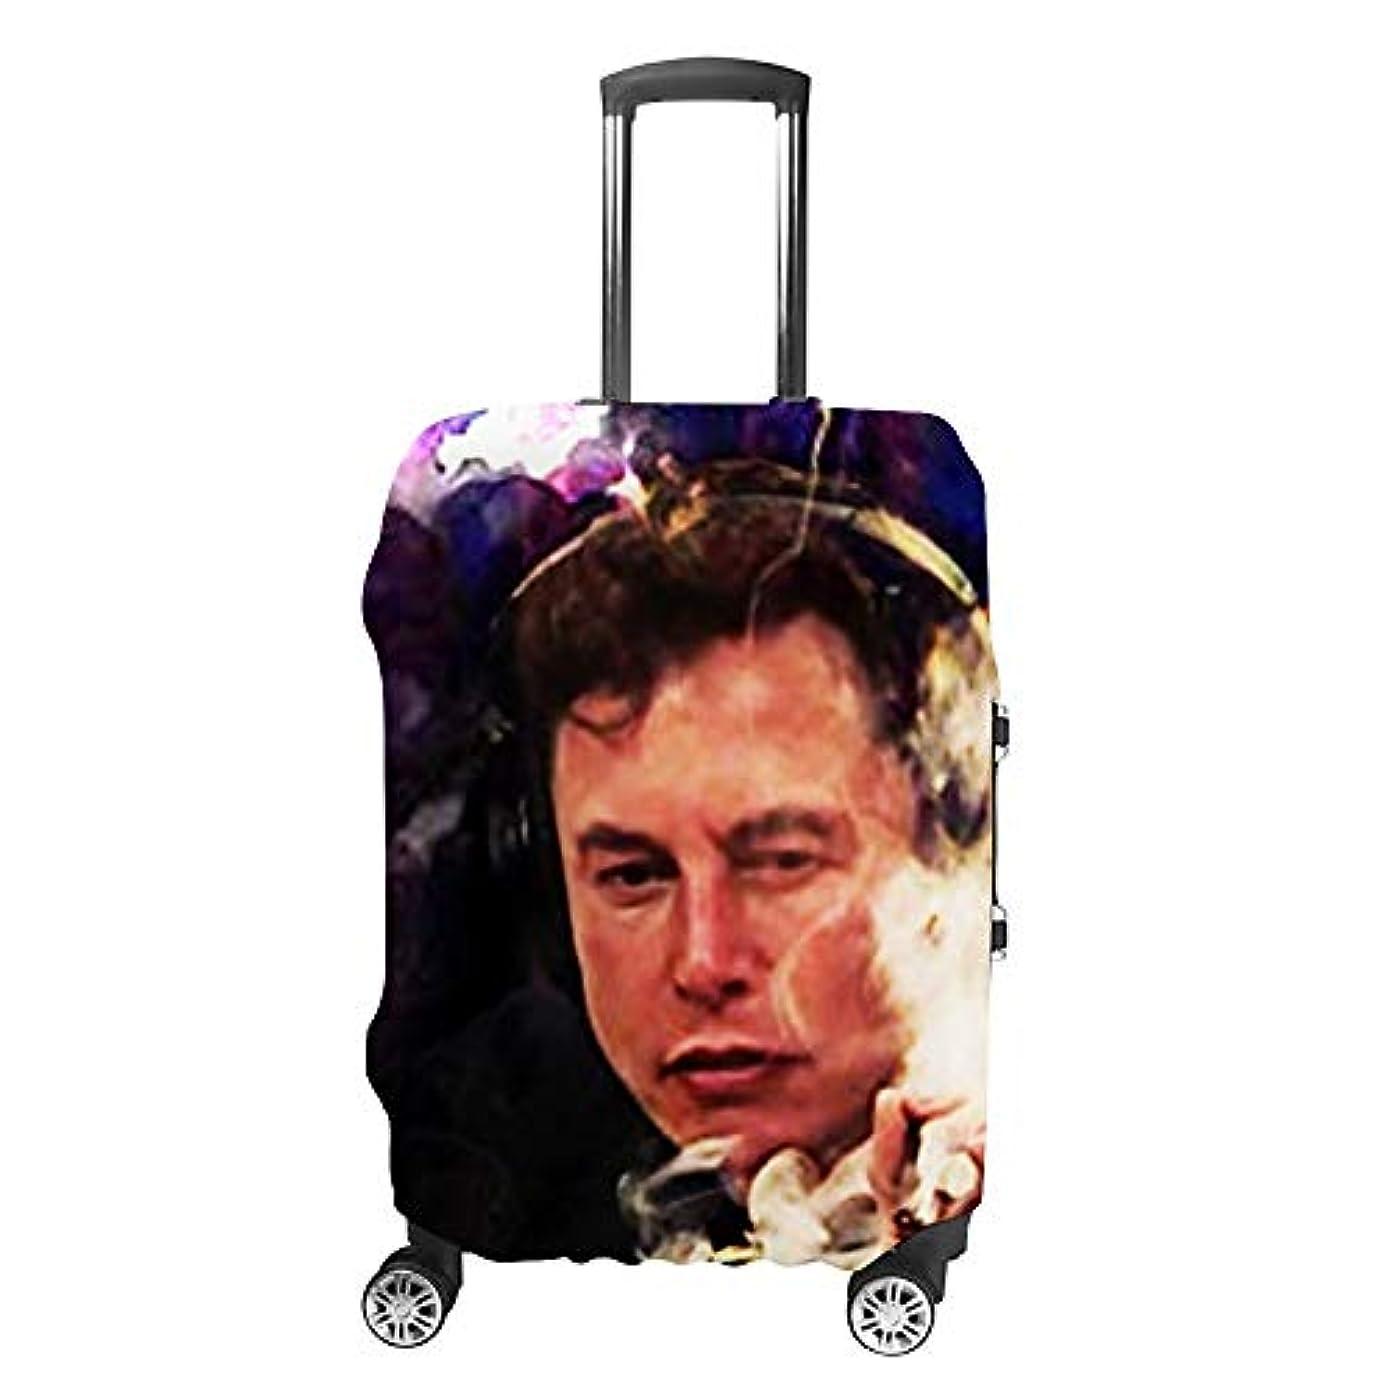 明確な回路残酷Elon Musk ファッション旅行荷物カバースーツケース荷物プロテクター旅行カバー男性用女性用